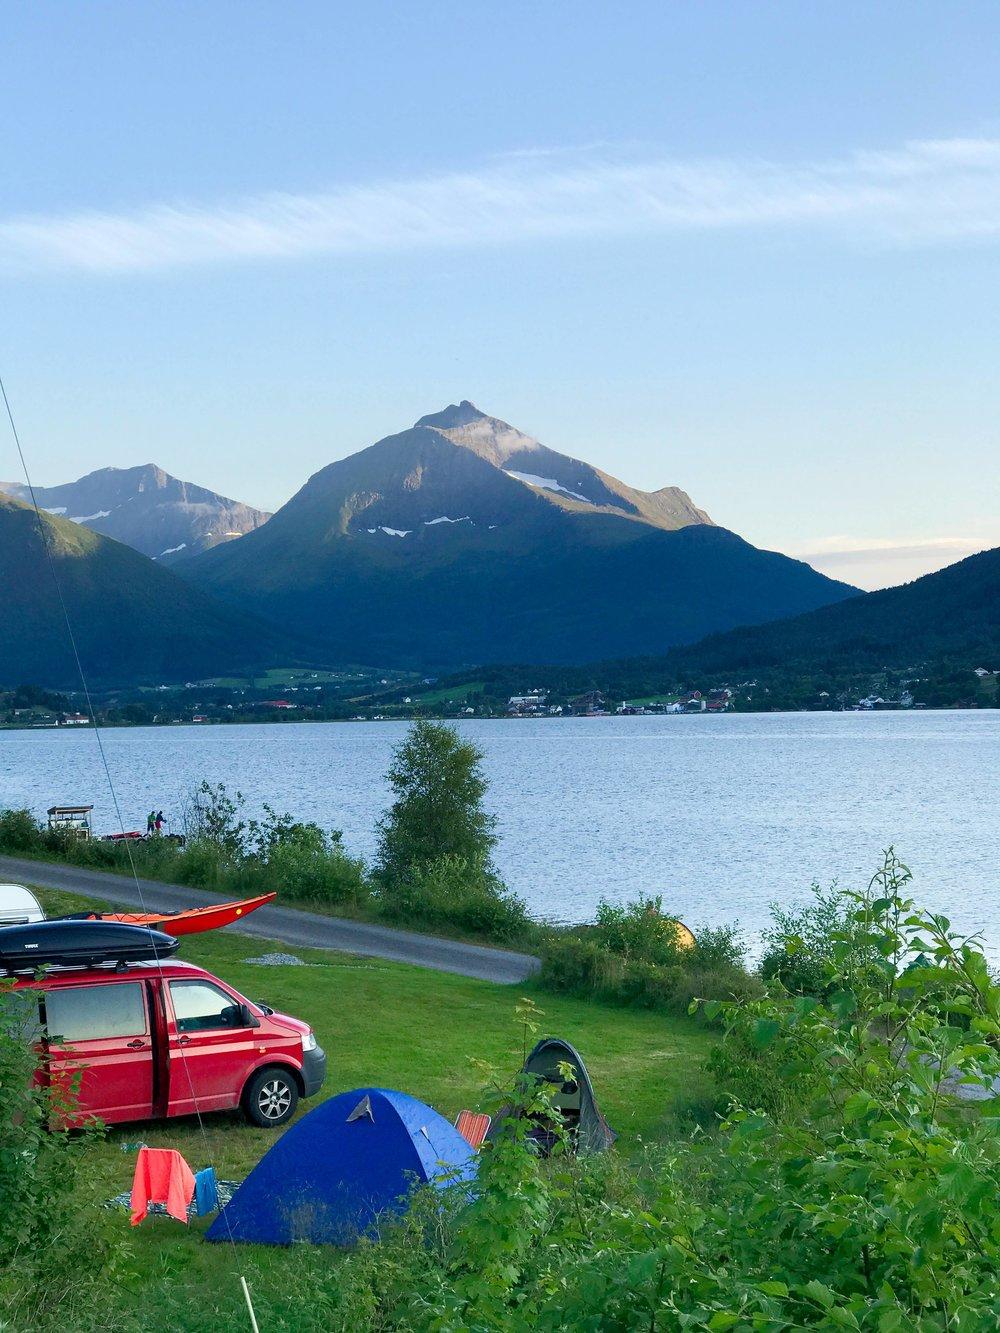 00_Fagervik_Camping_Summer_2017.jpg